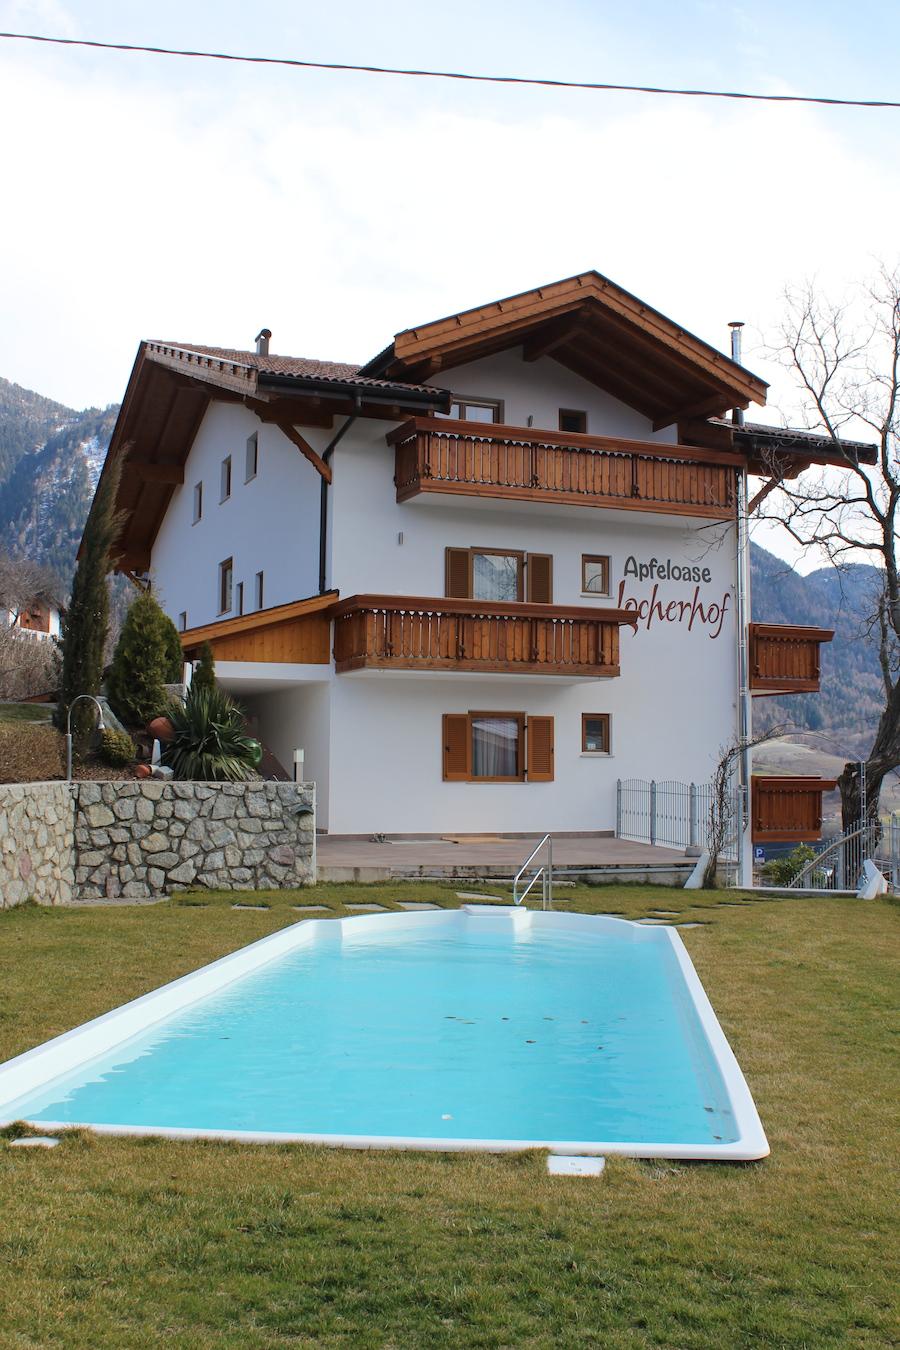 Apfeloase Schenna Südtirol 6